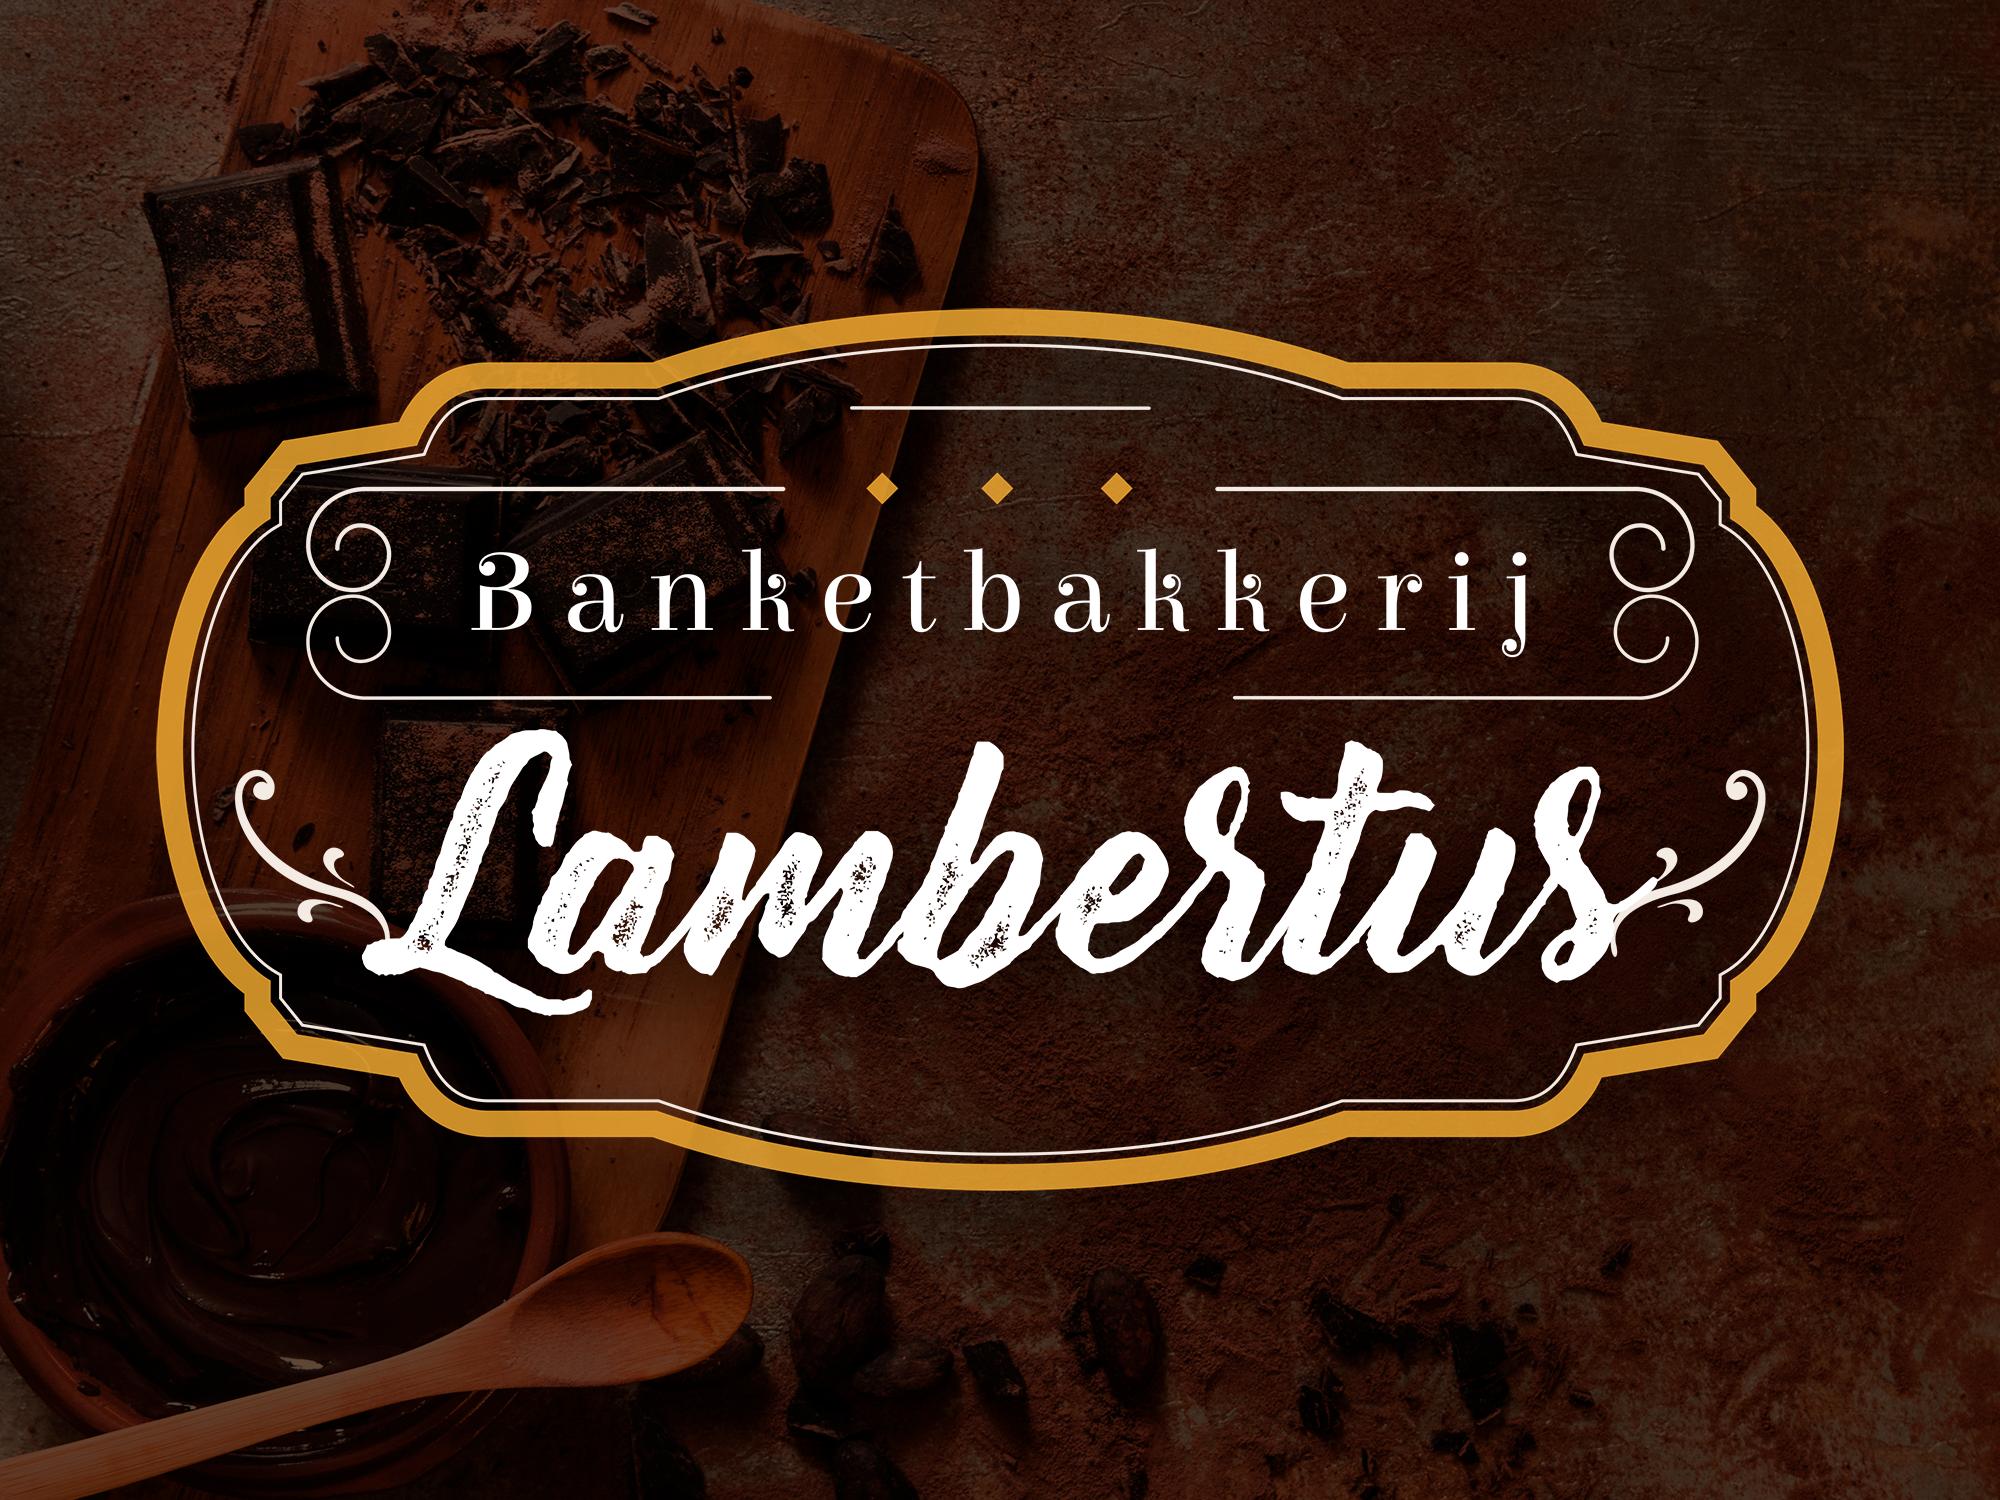 ber-logo-lambertus-foto.png